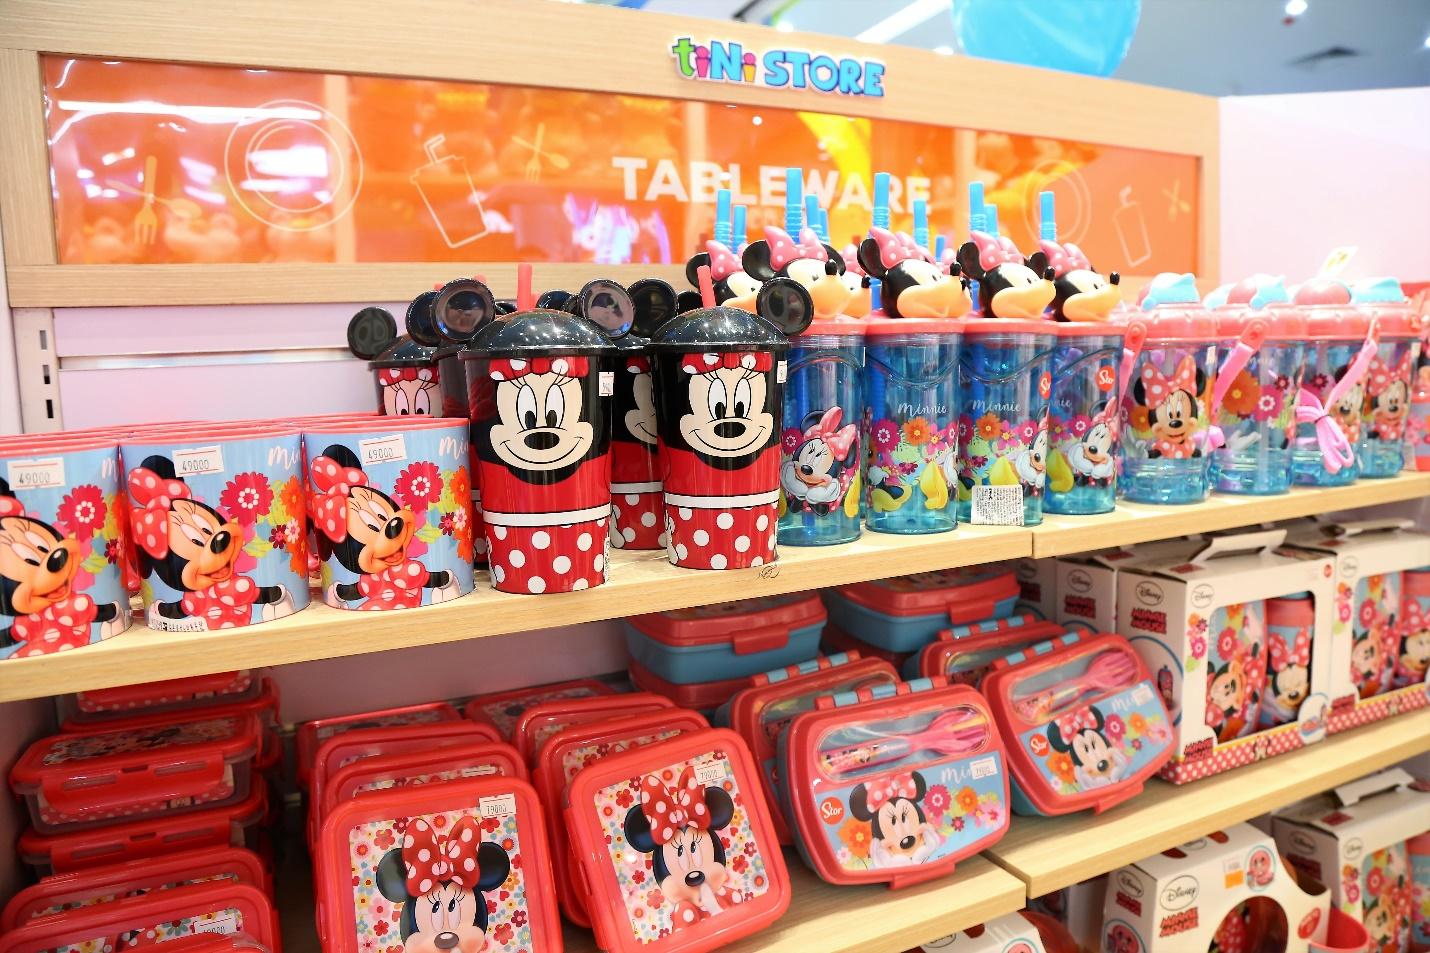 Ưu đãi siêu khủng đến 80% tại tiNiStore, mua đồ cho bé chưa bao giờ dễ đến thế! - Ảnh 8.